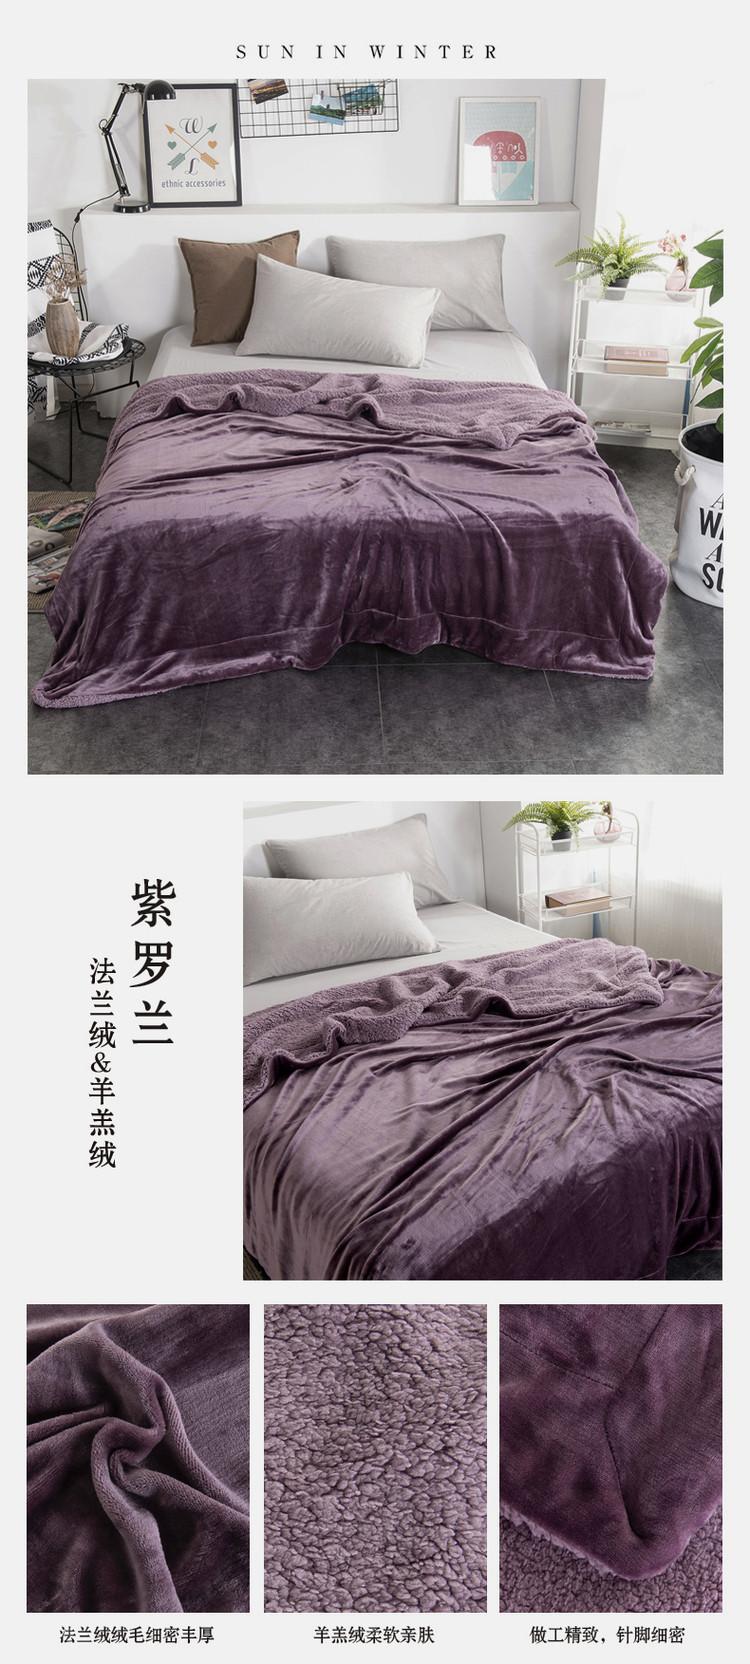 紫罗兰1托4.jpg